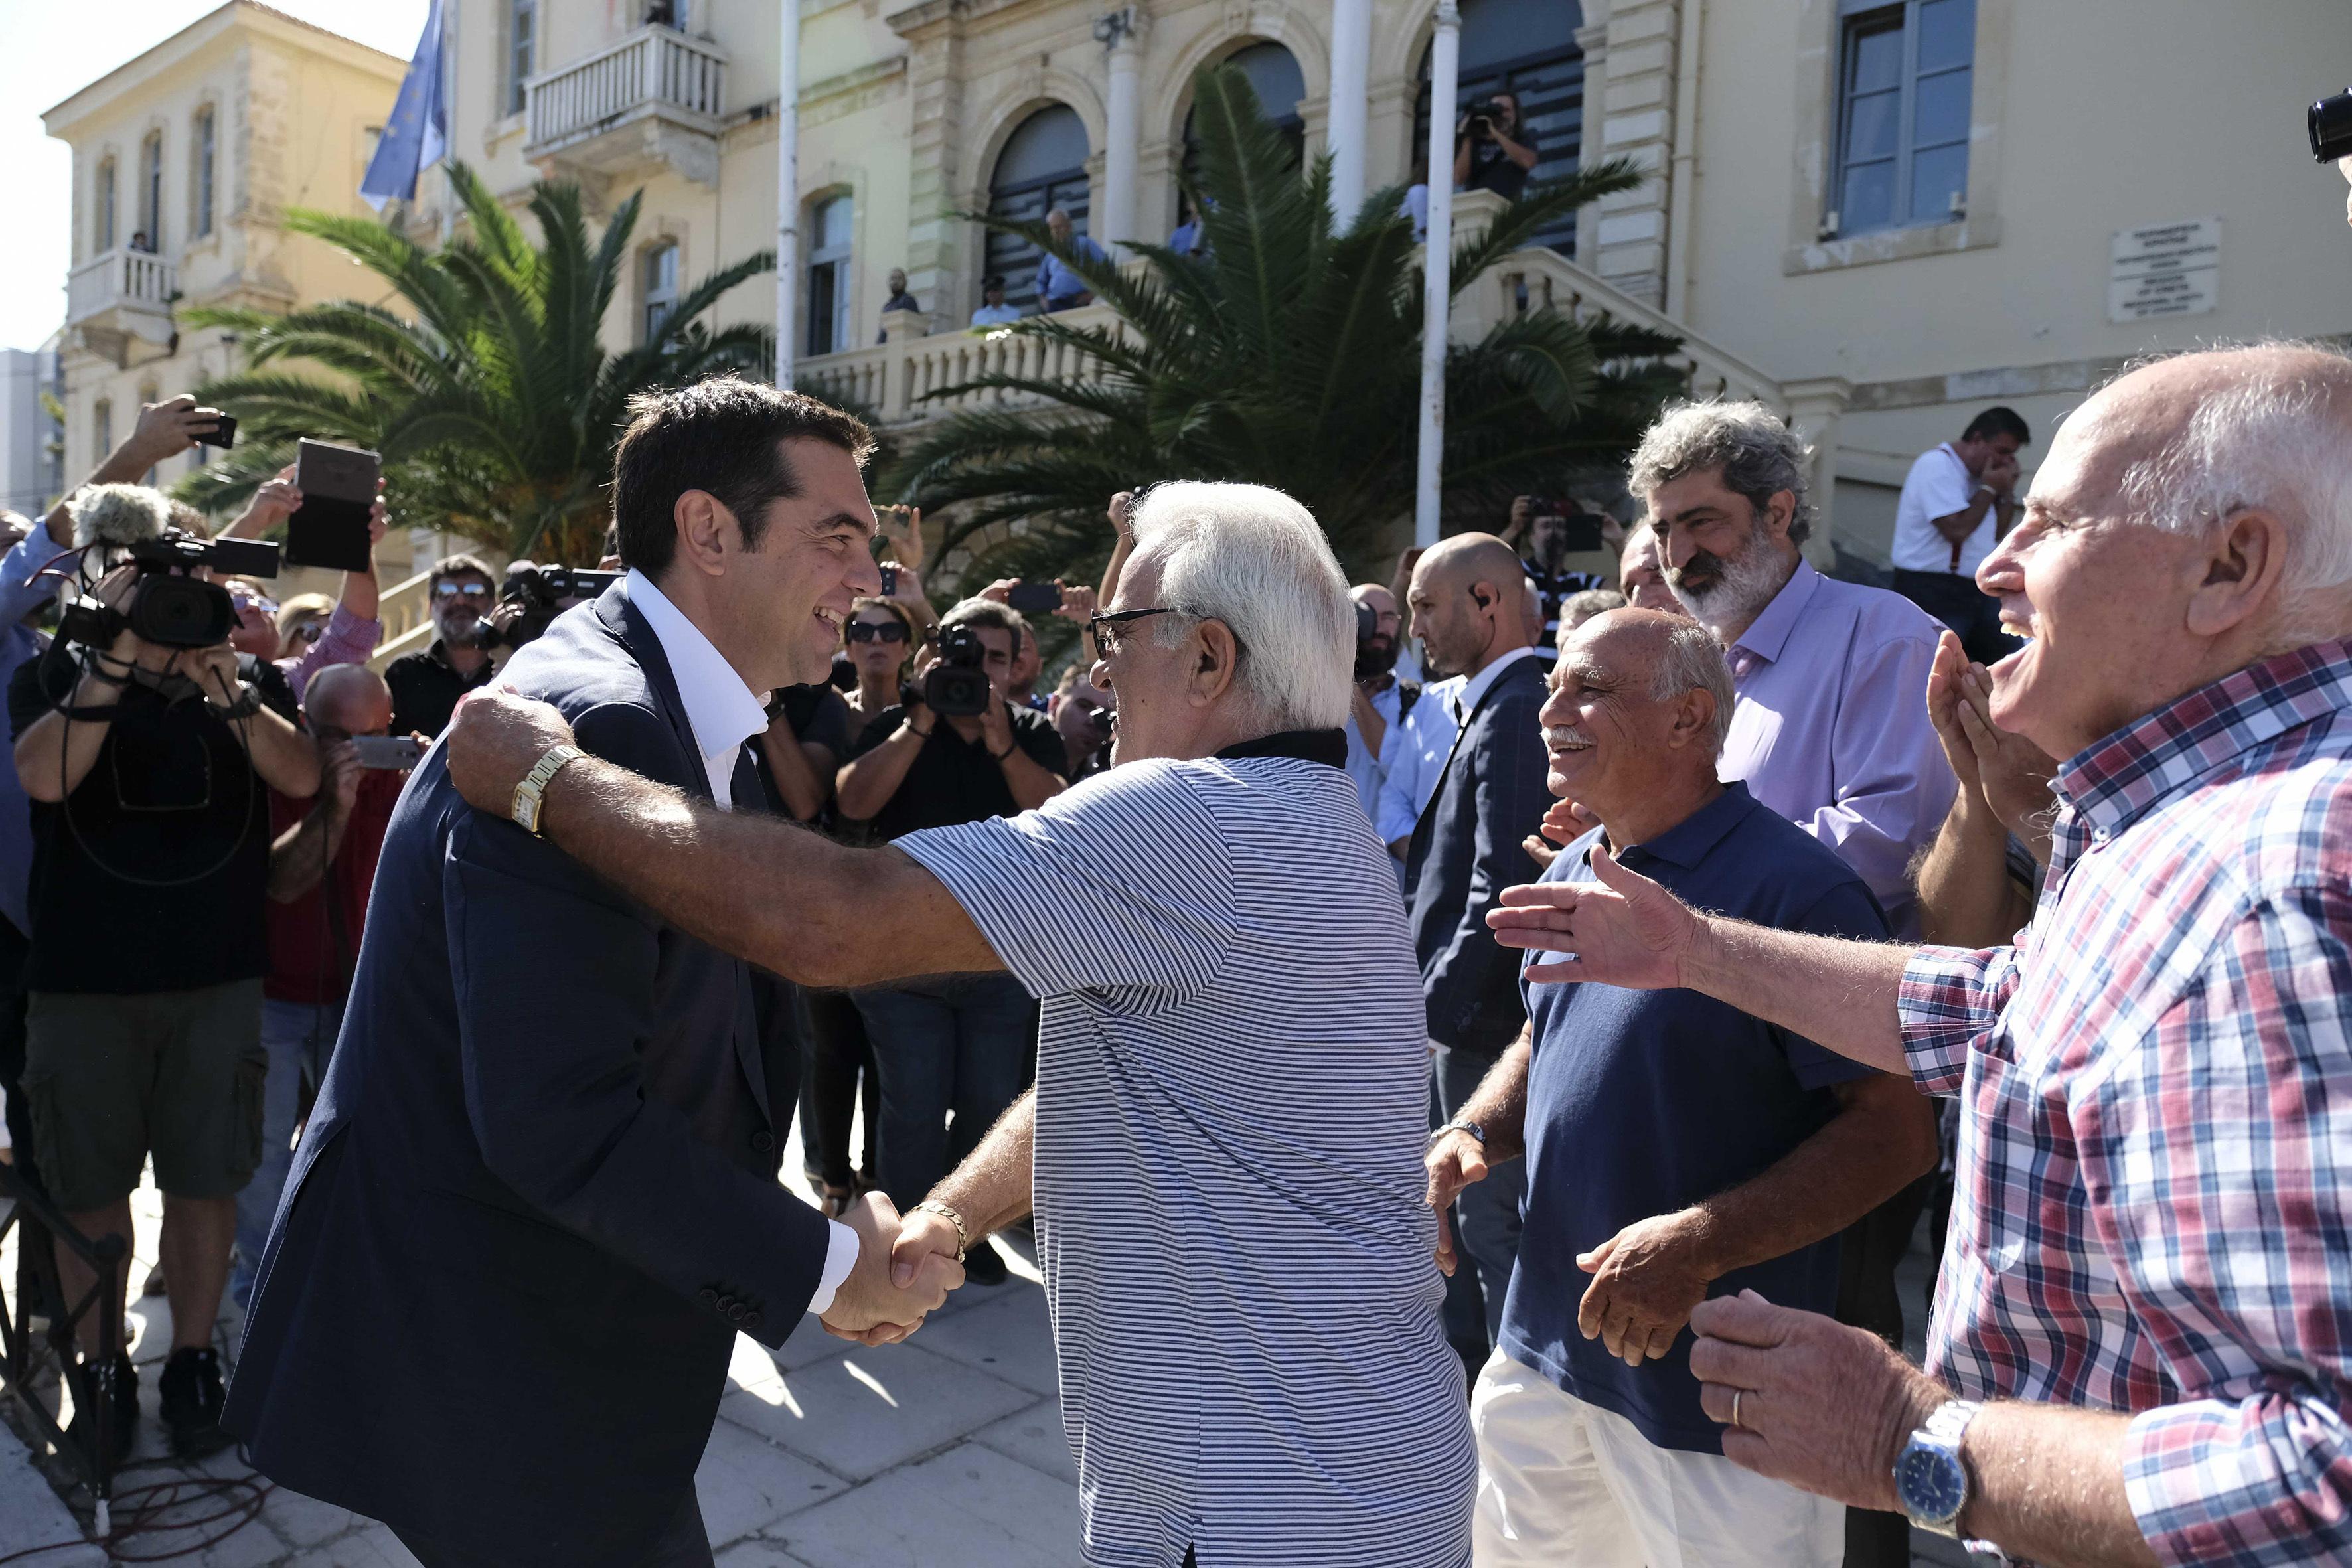 tsipras-meta-ti-lixi-ton-mnimonion-archizoyme-na-pairnoyme-anases-fotografies1